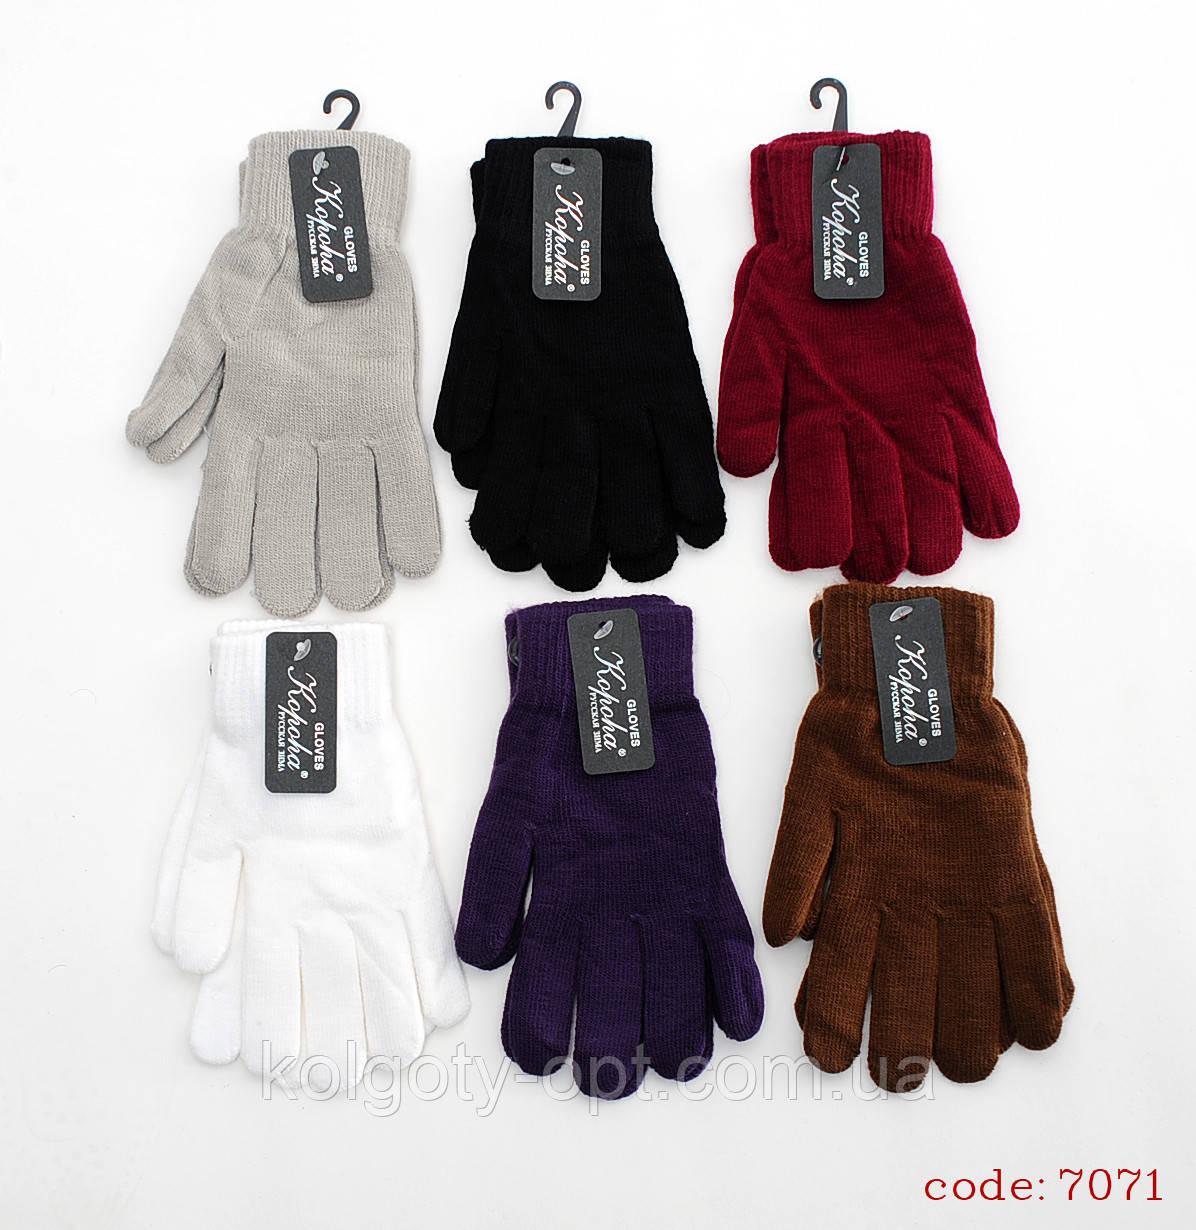 Жіночі стрейчеві рукавички кольорові (продаються тільки від 12 пар)